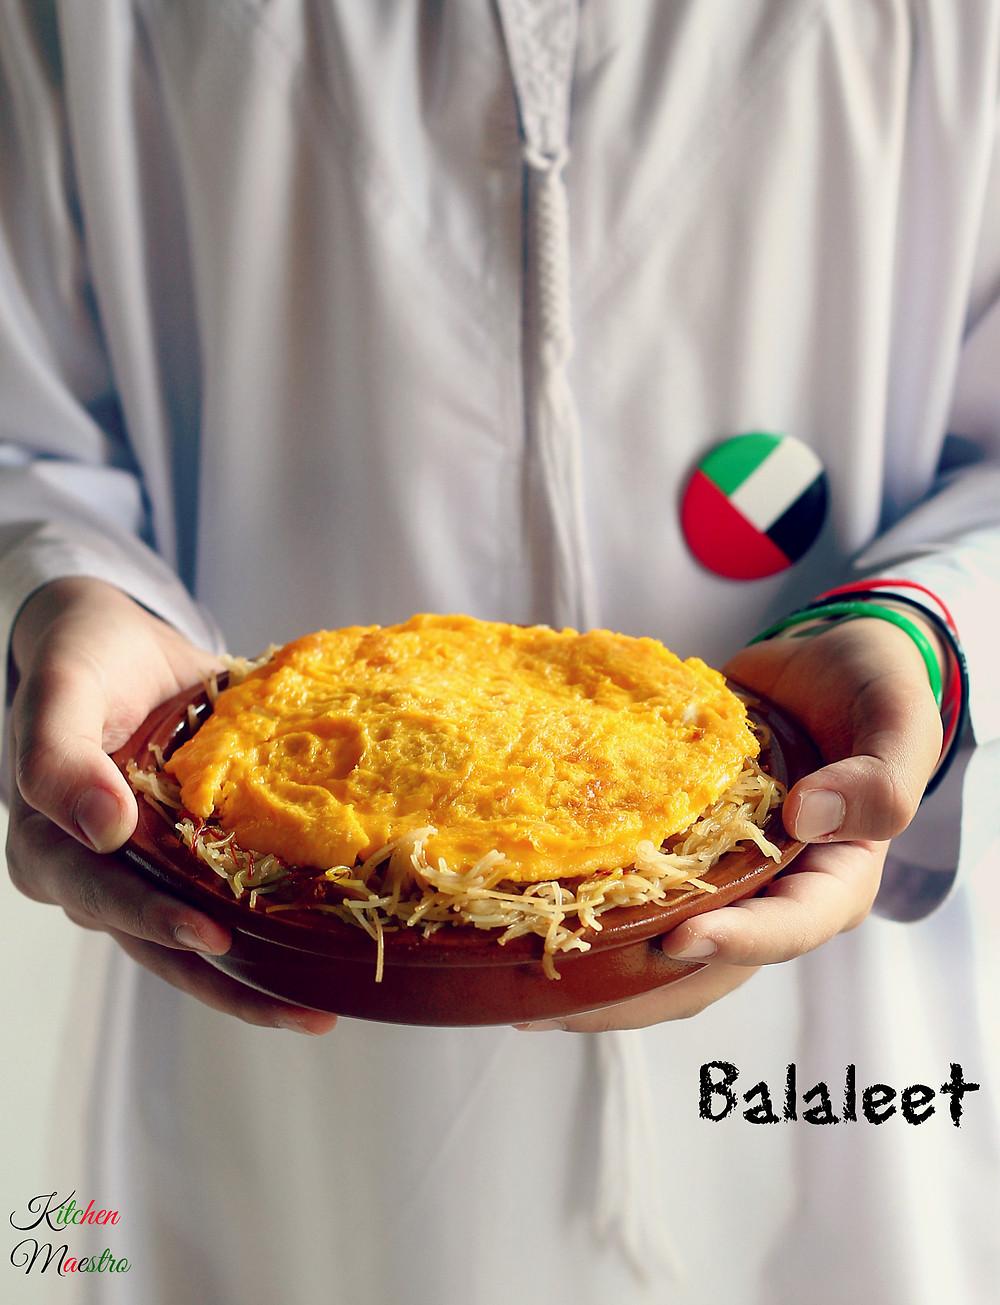 Balaleet